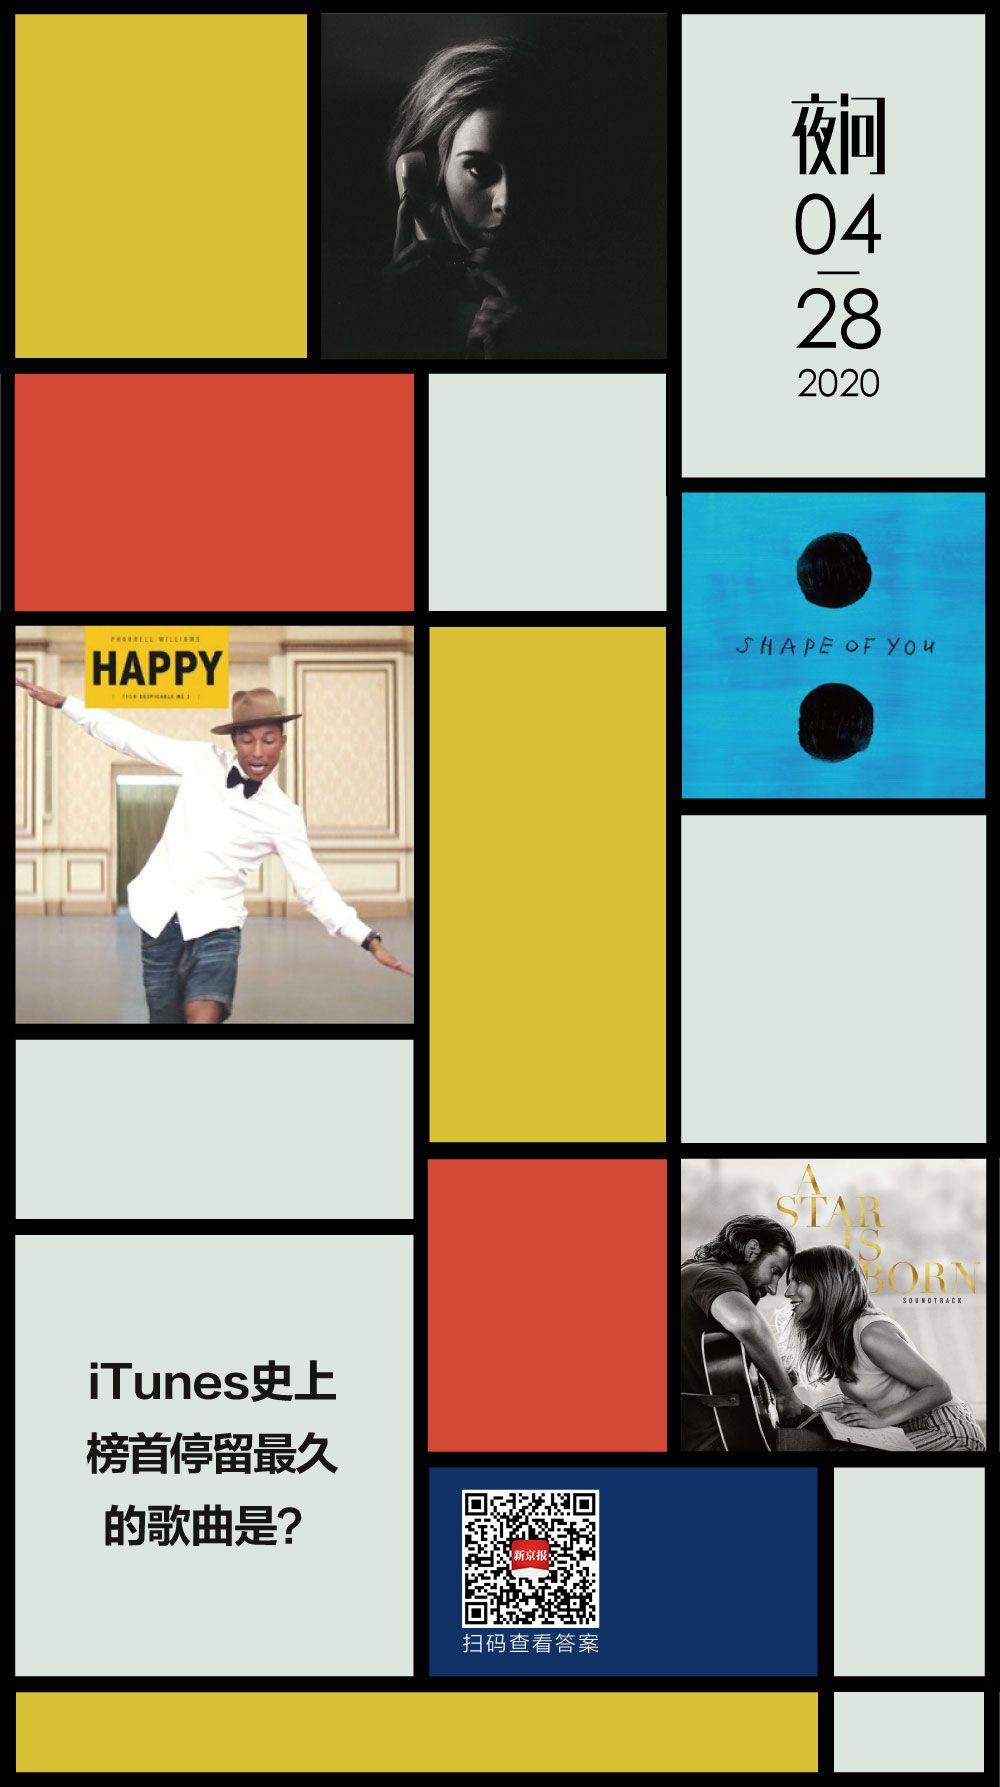 天富:作古它仍在为天富全球流行音乐指出图片